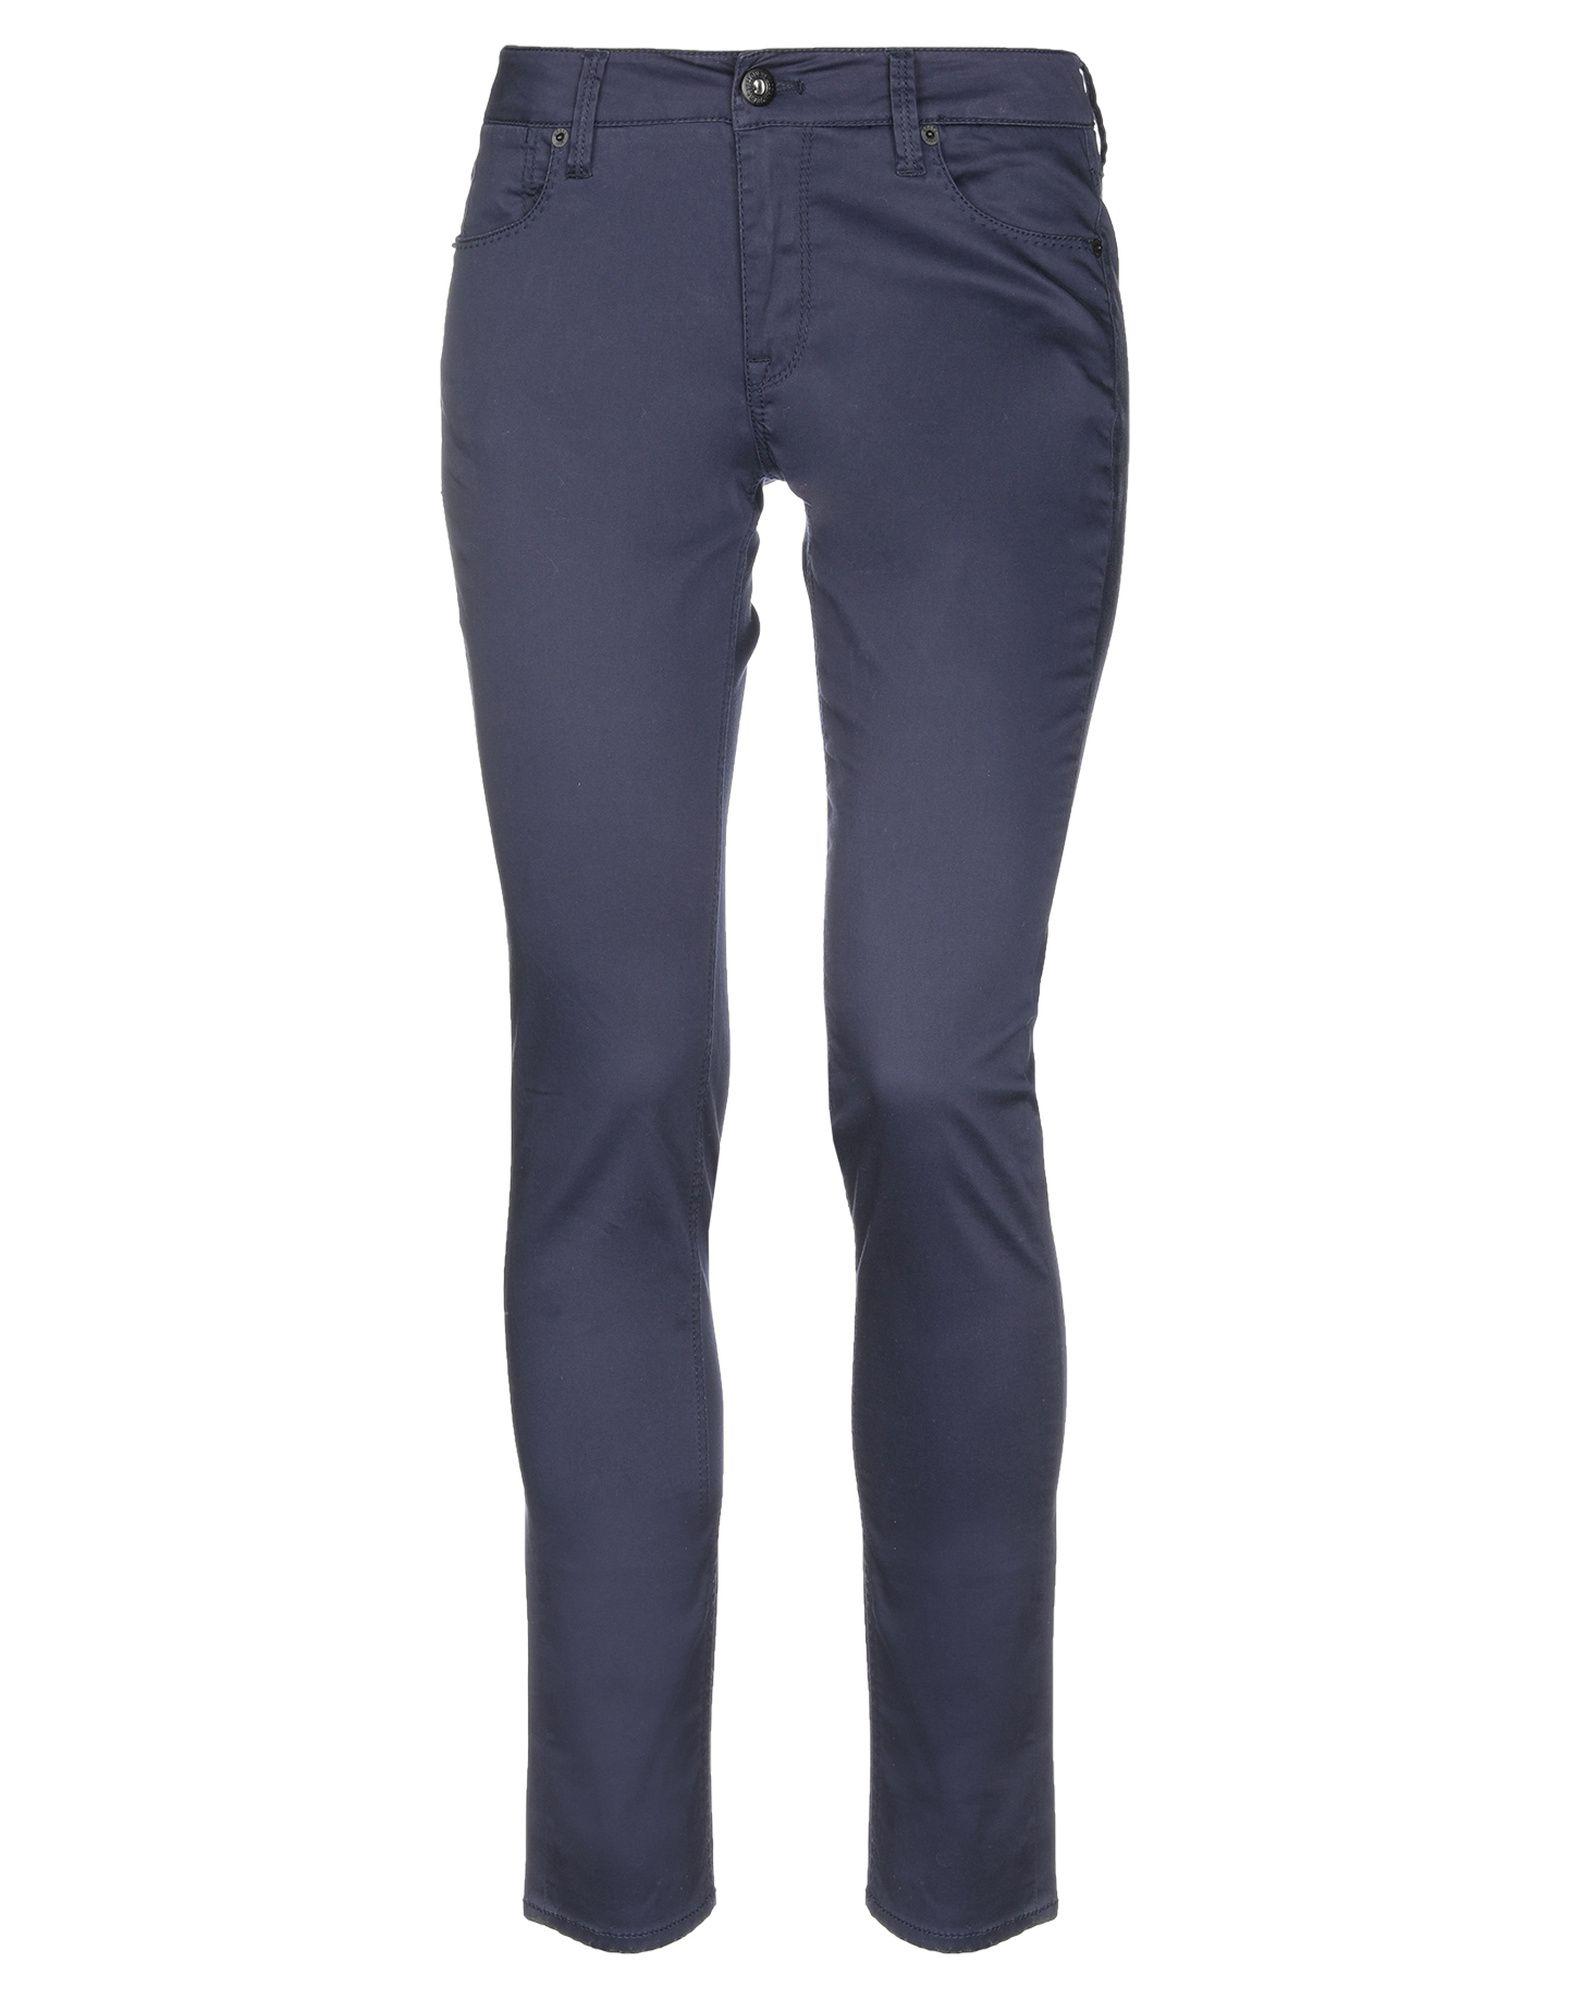 Pantalone Guess damen - 13045637PT